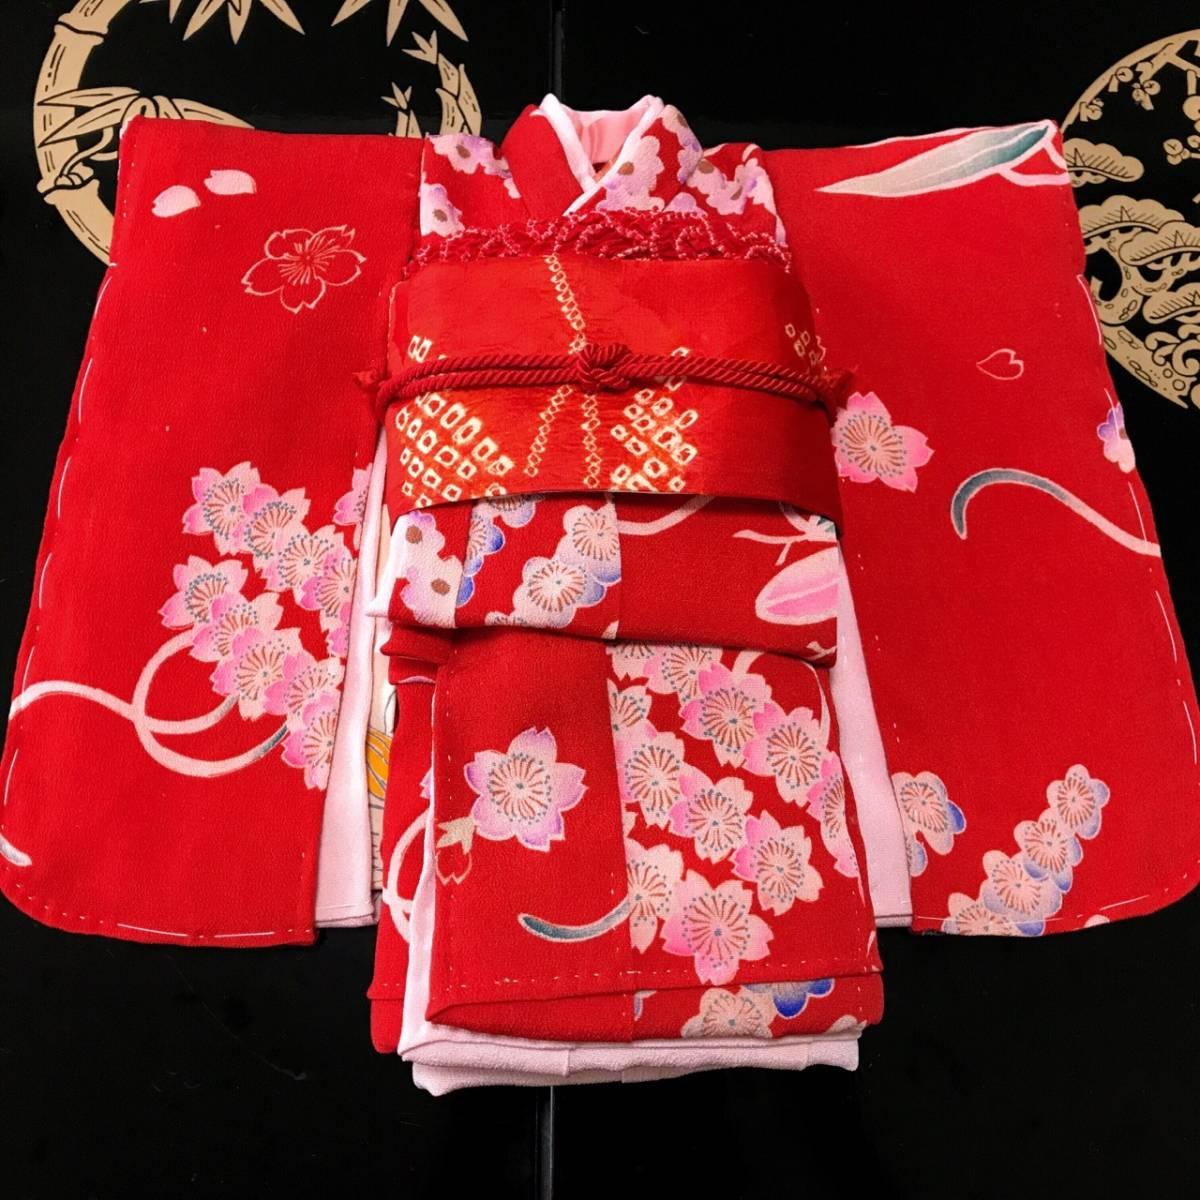 ◆◇ 一点物 市松人形 8号 約32cm 袷 アンティーク 錦紗 ちりめん 着物 長襦袢 帯 セット 人形 ビスク ドール 縮緬 時代 送料無料◇◆